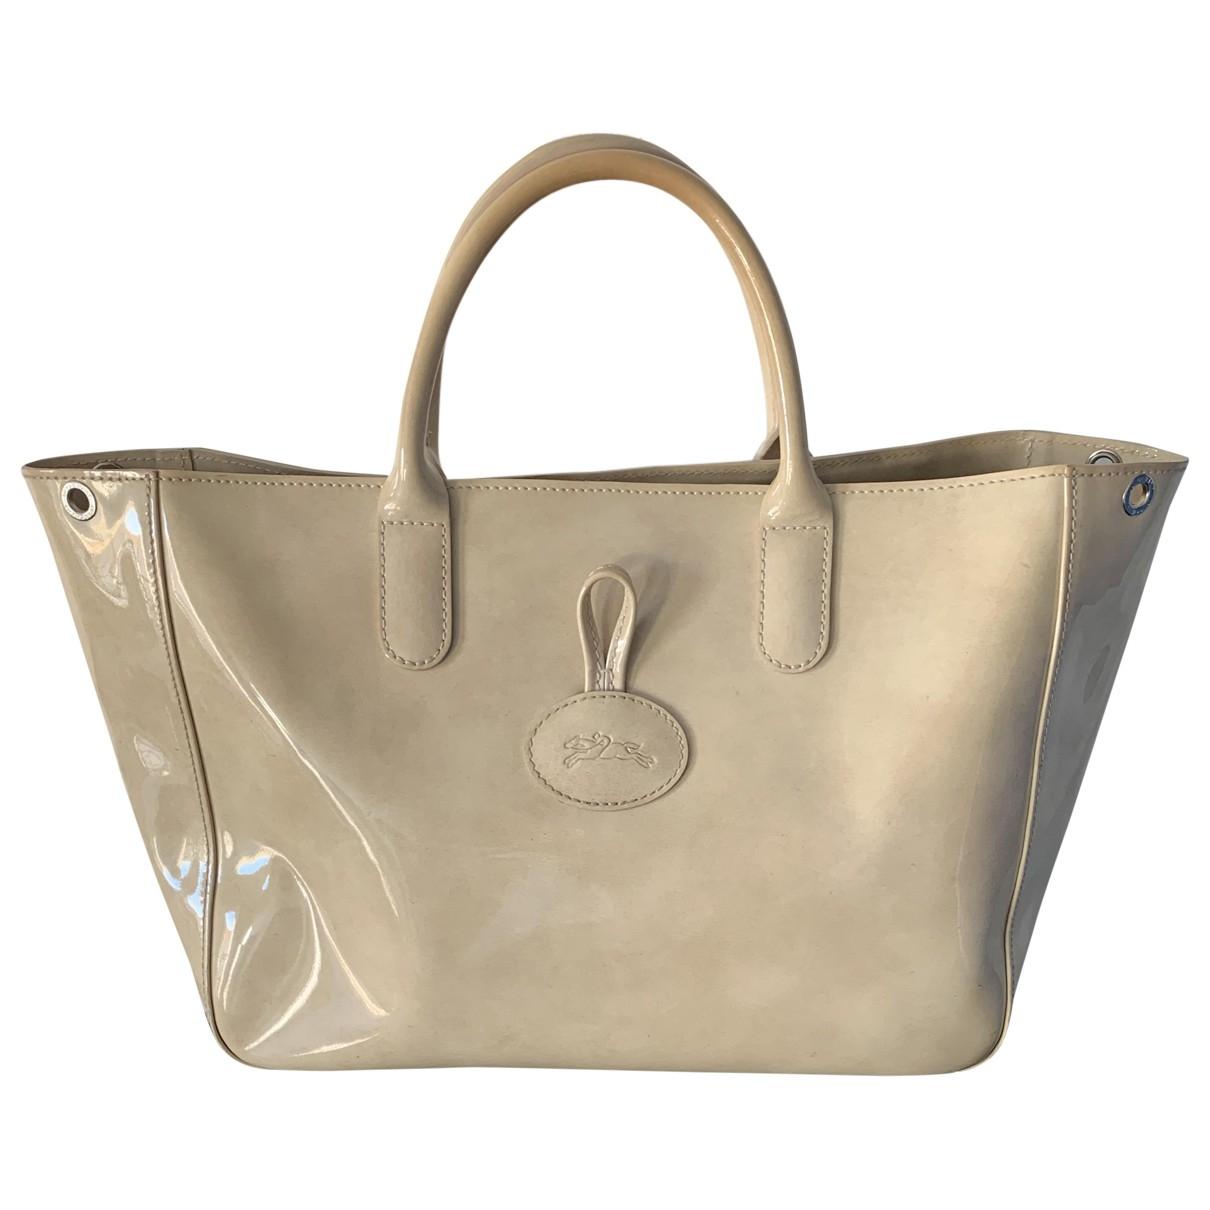 Longchamp - Sac a main   pour femme en cuir verni - beige